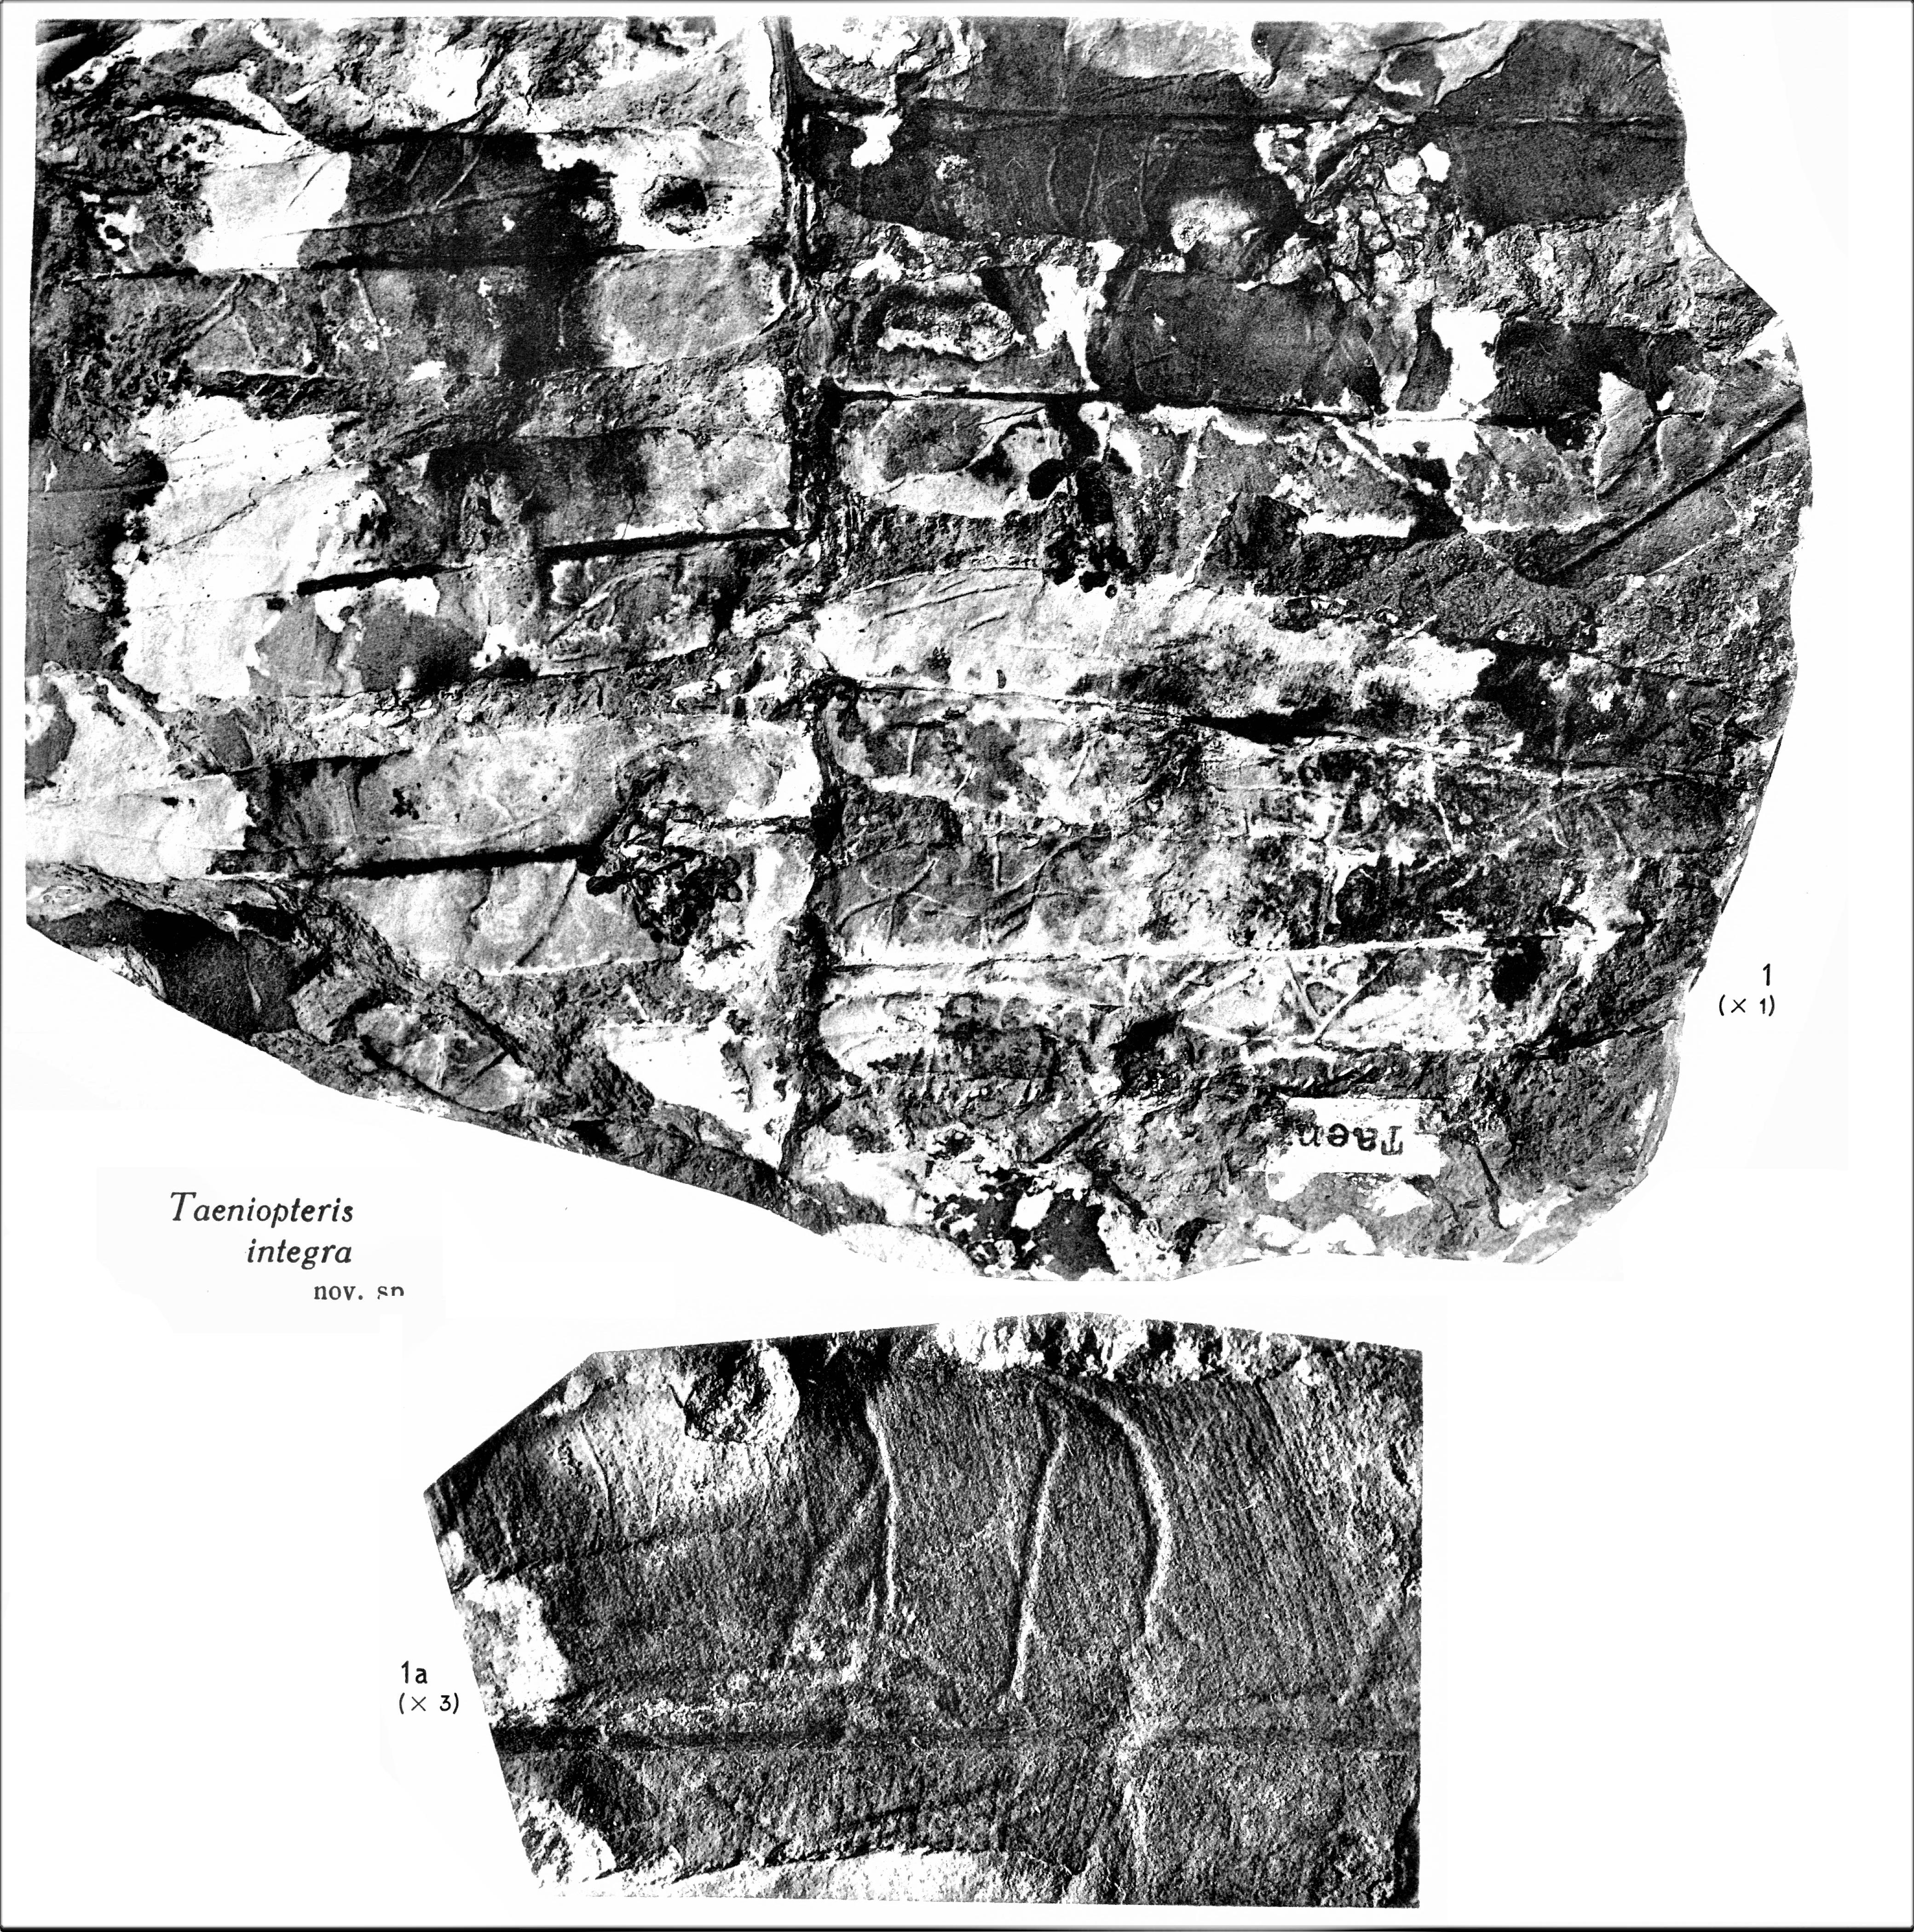 Pl. XIV ; Fig 1, 1a